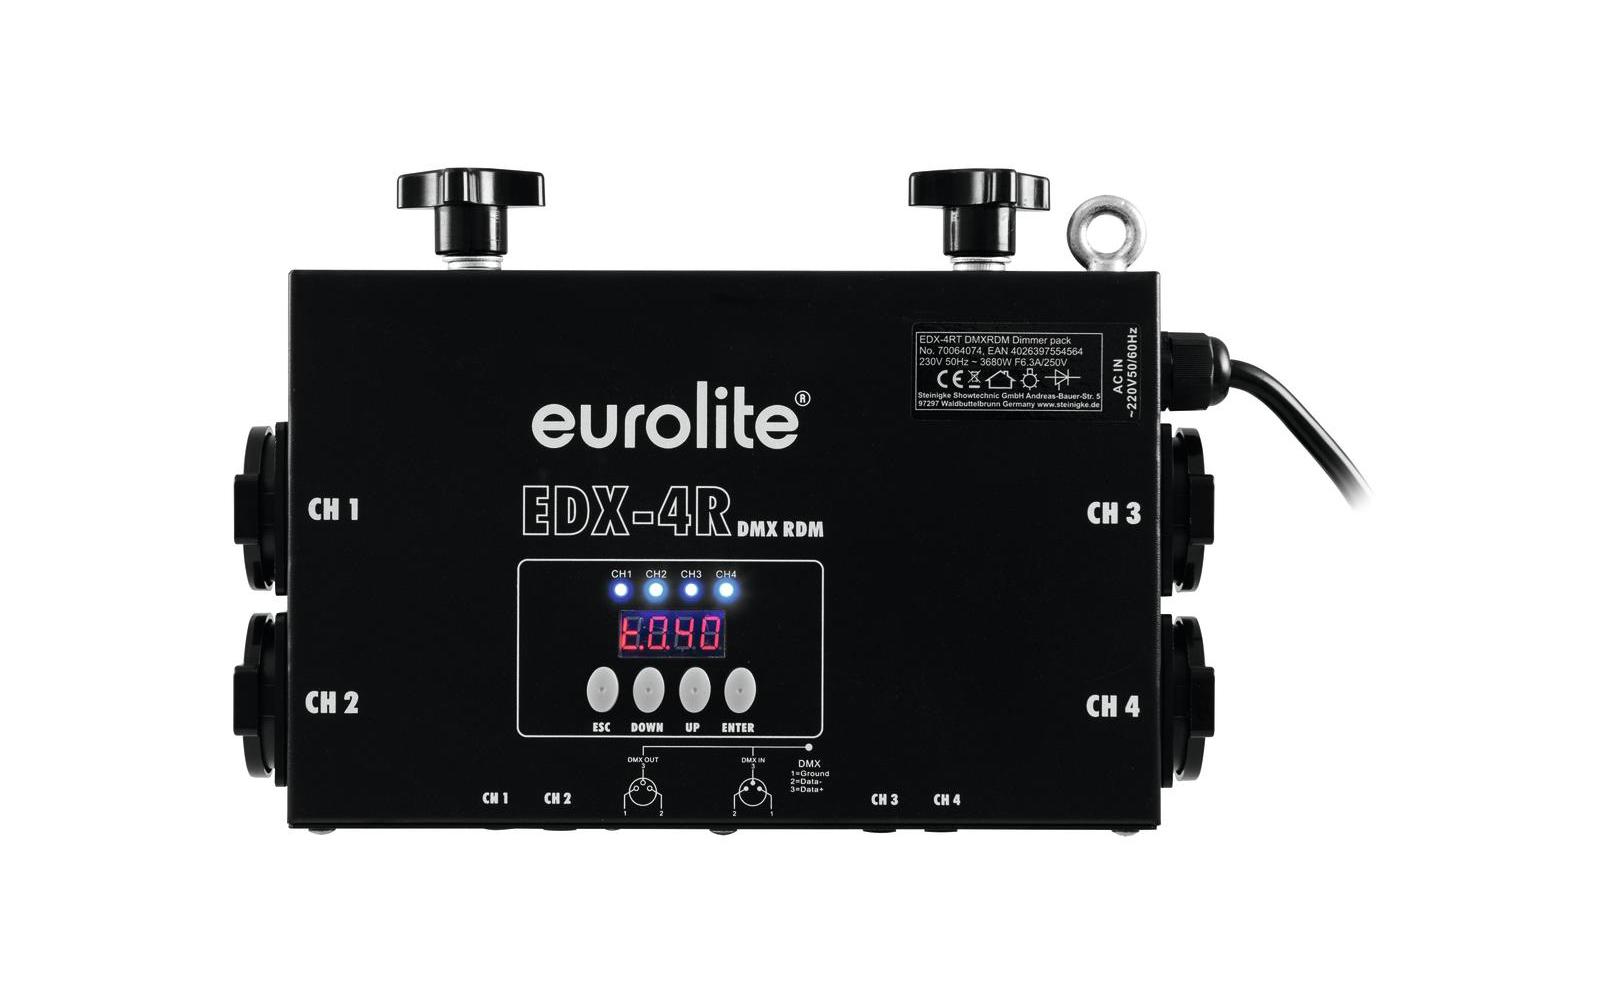 eurolite-edx-4rt-dmx-rdm-truss-dimmerpack